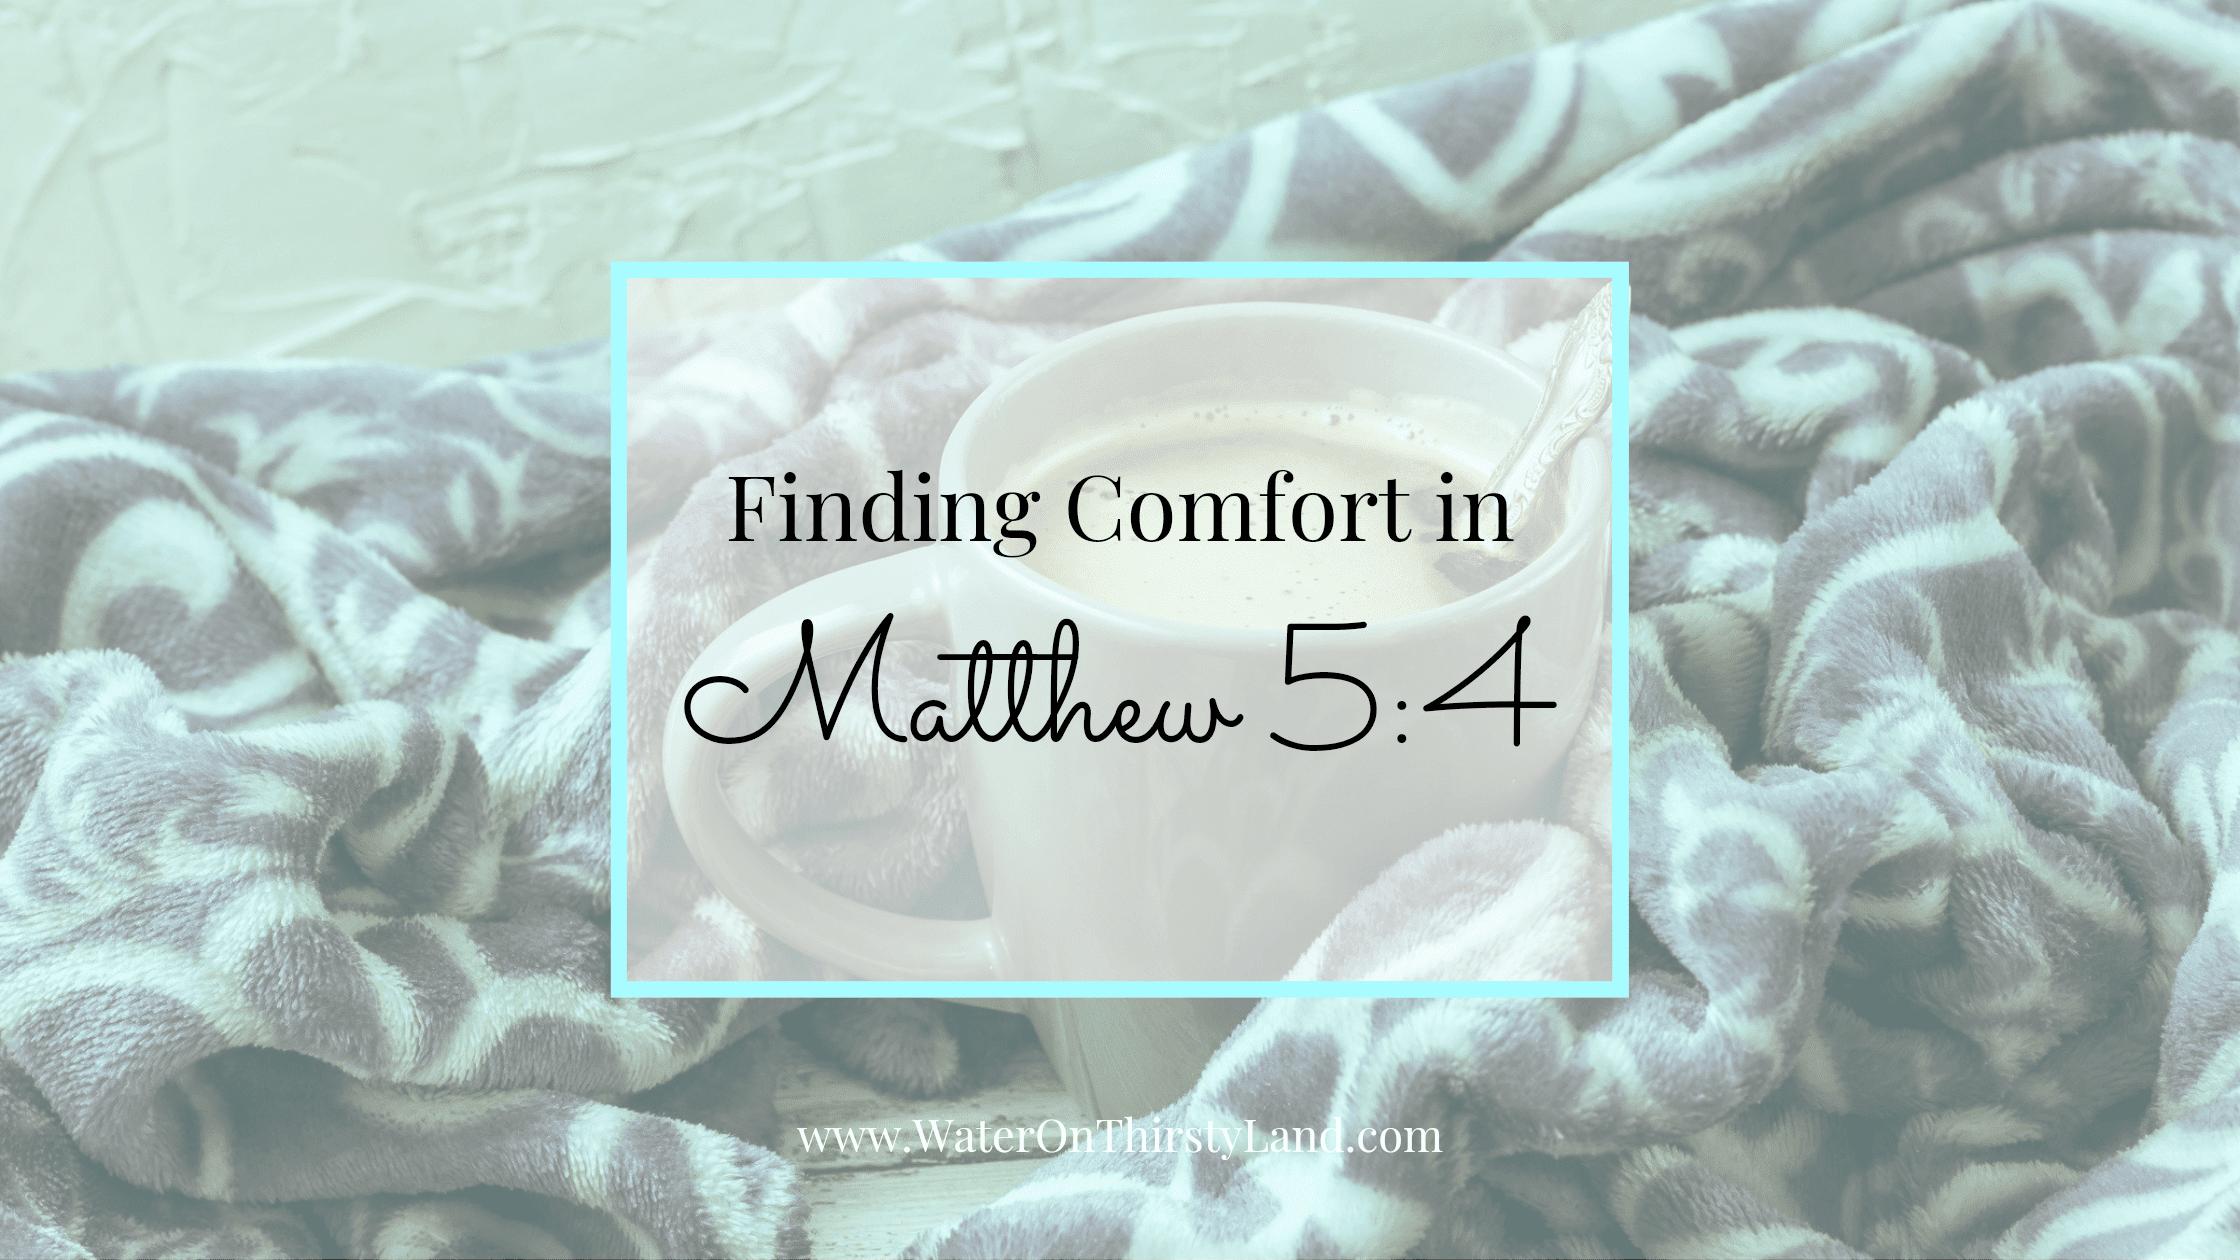 Comfort in Matthew 5:4